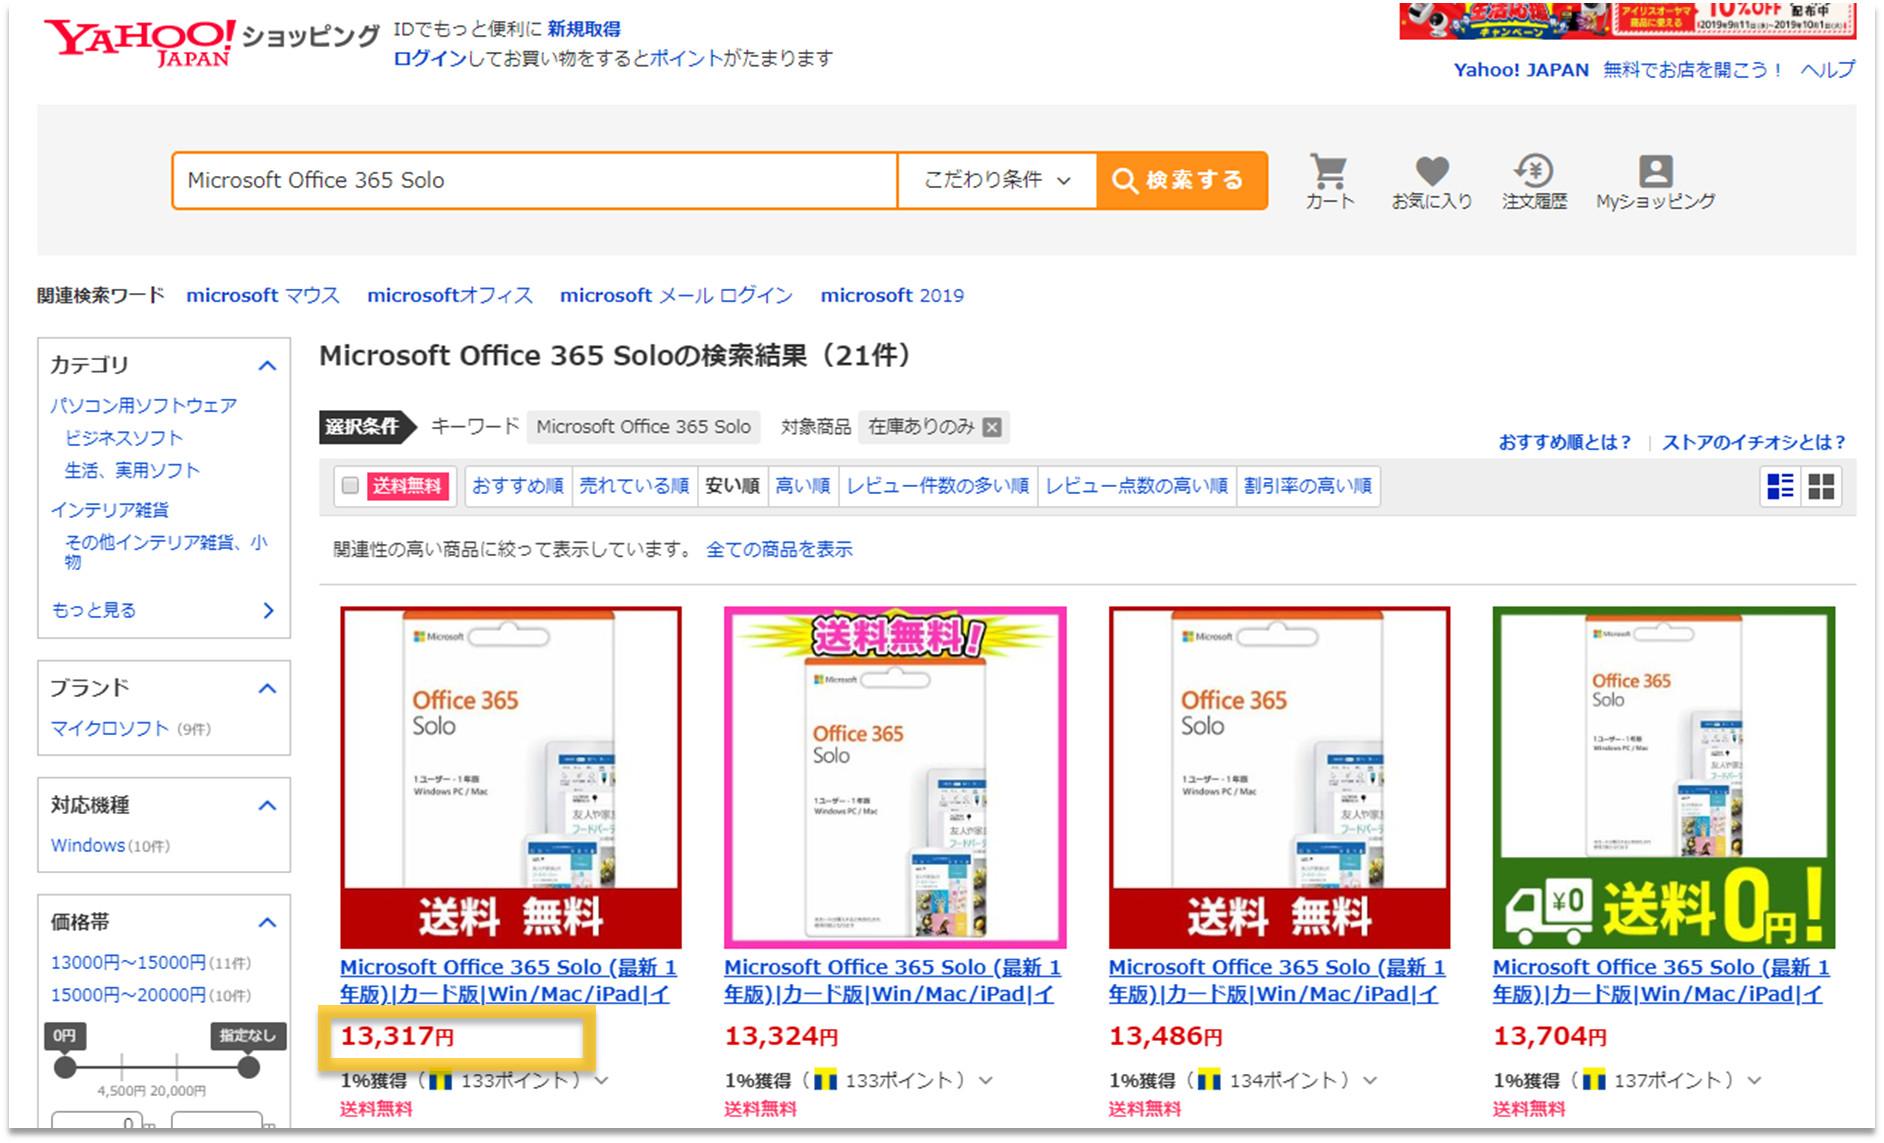 yahooショッピングでのOffice365 Solo の価格